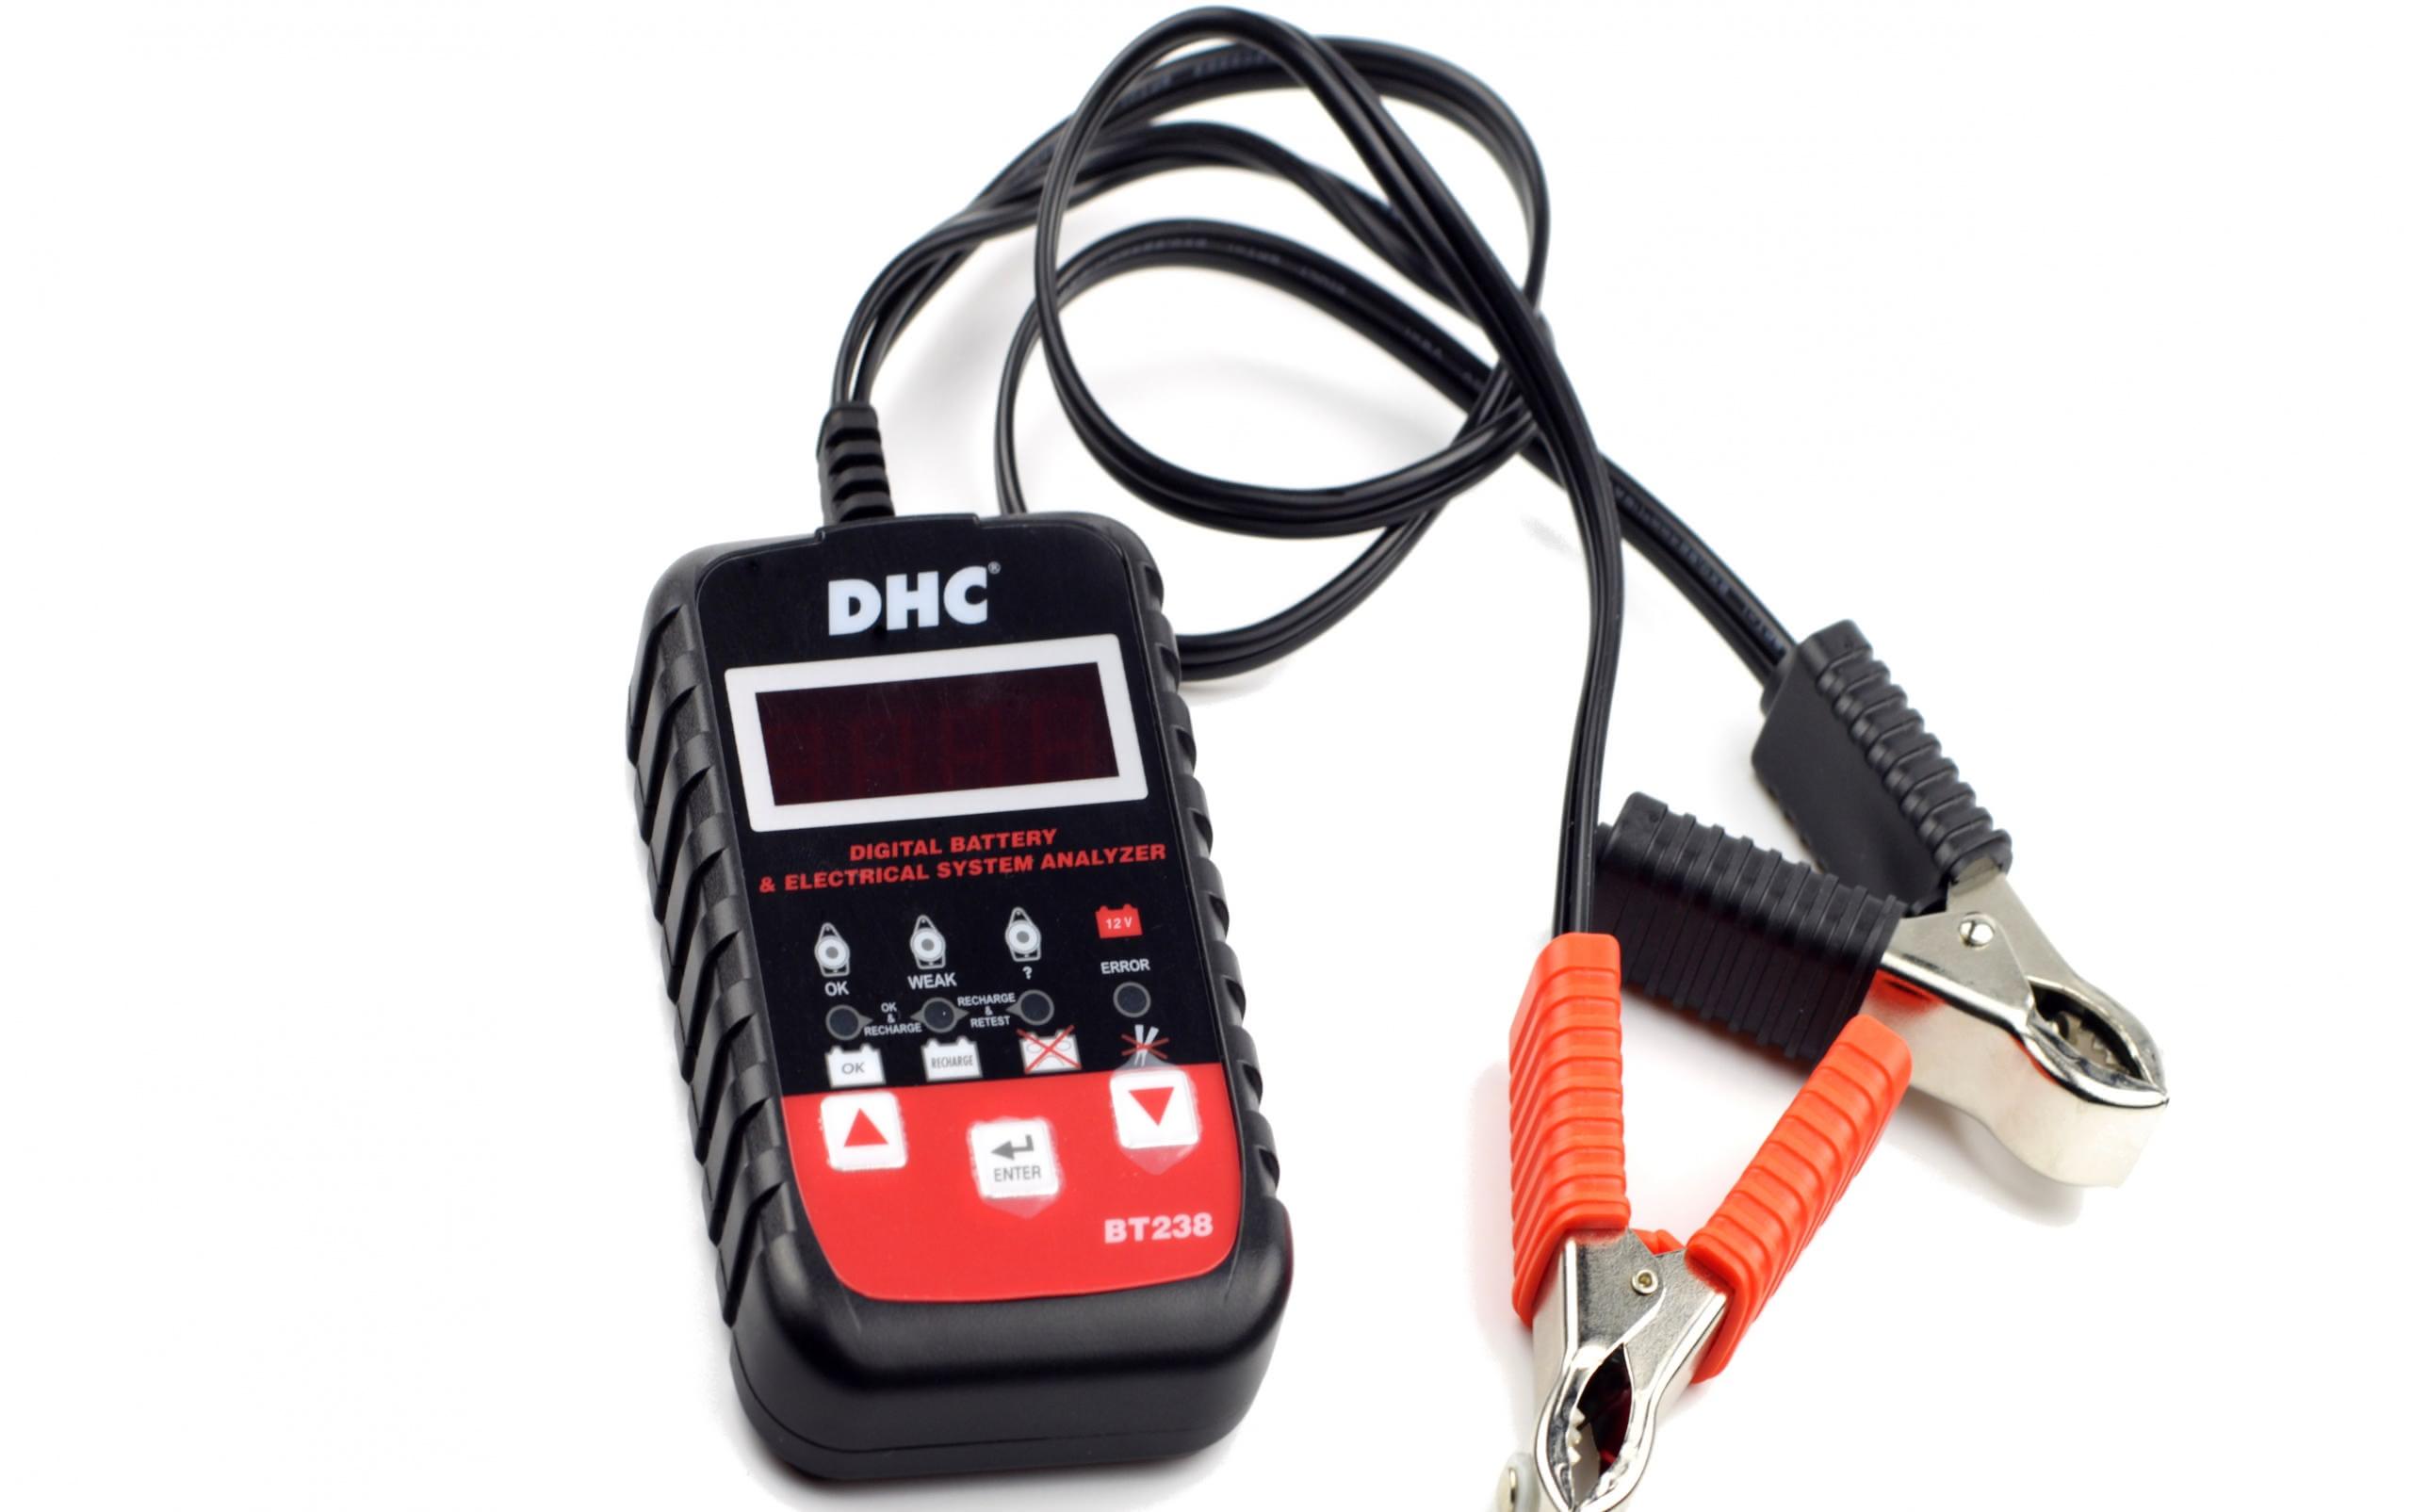 Тестер аккумуляторов BT238 DHC